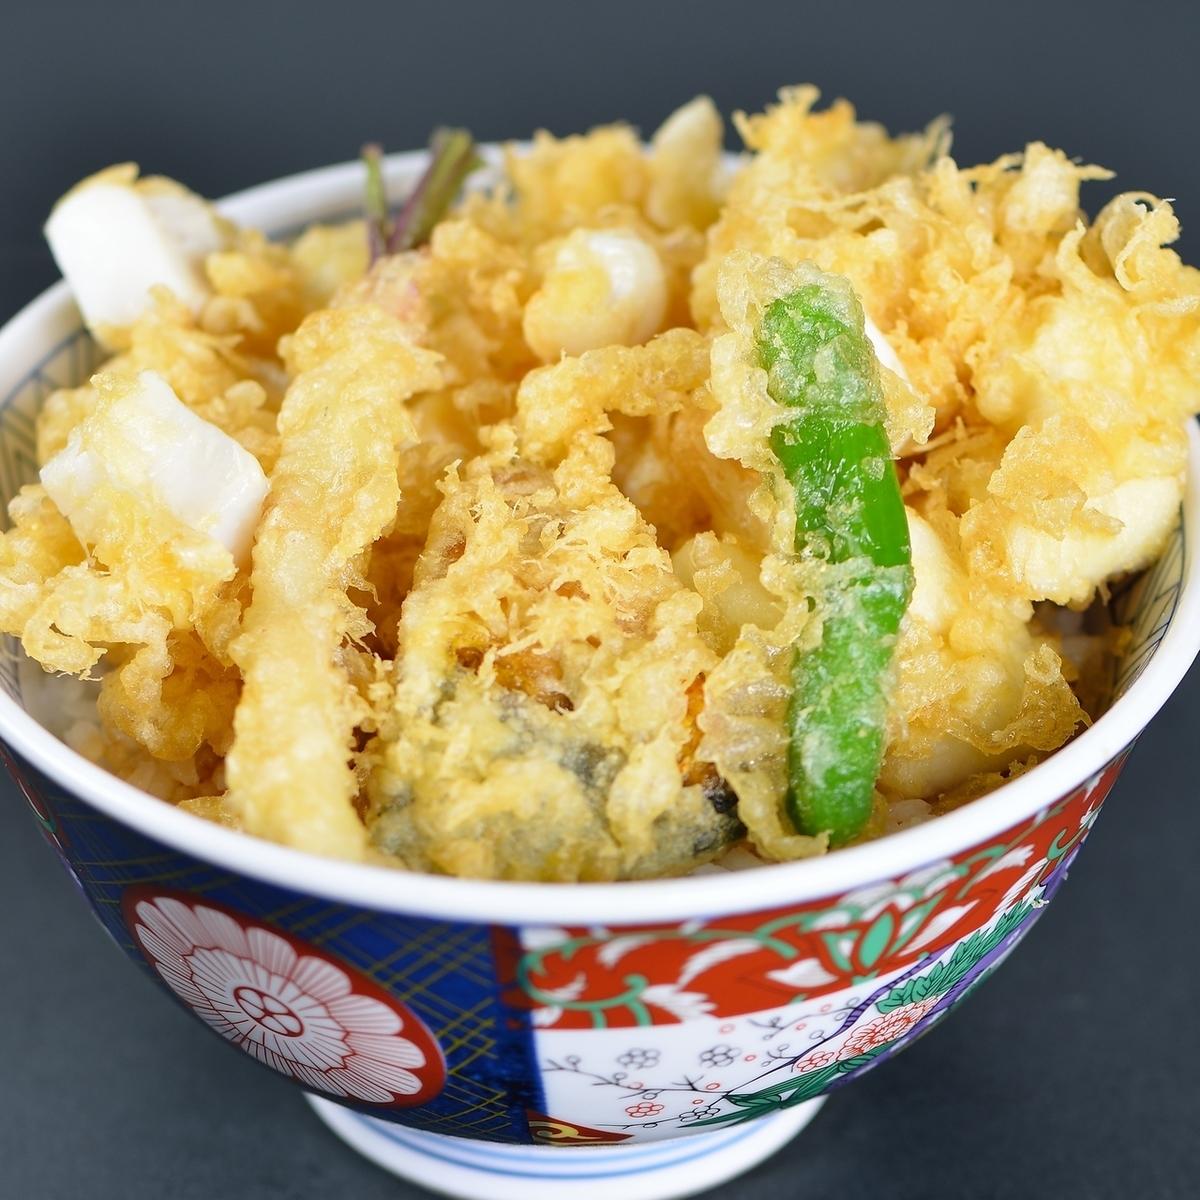 Squid bowl